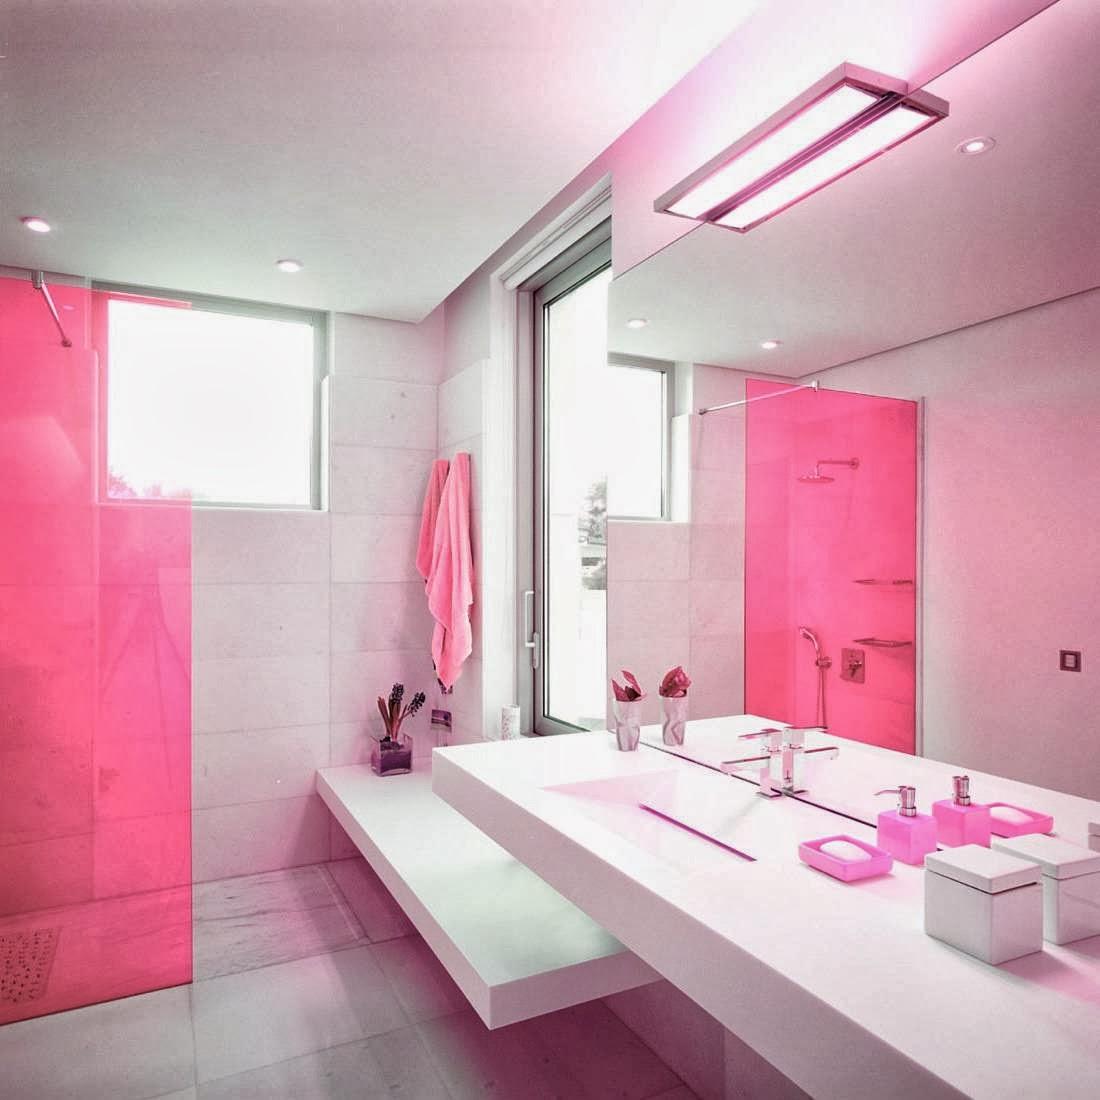 Розовая стеклянная перегородка и аксессуары в ванной комнате